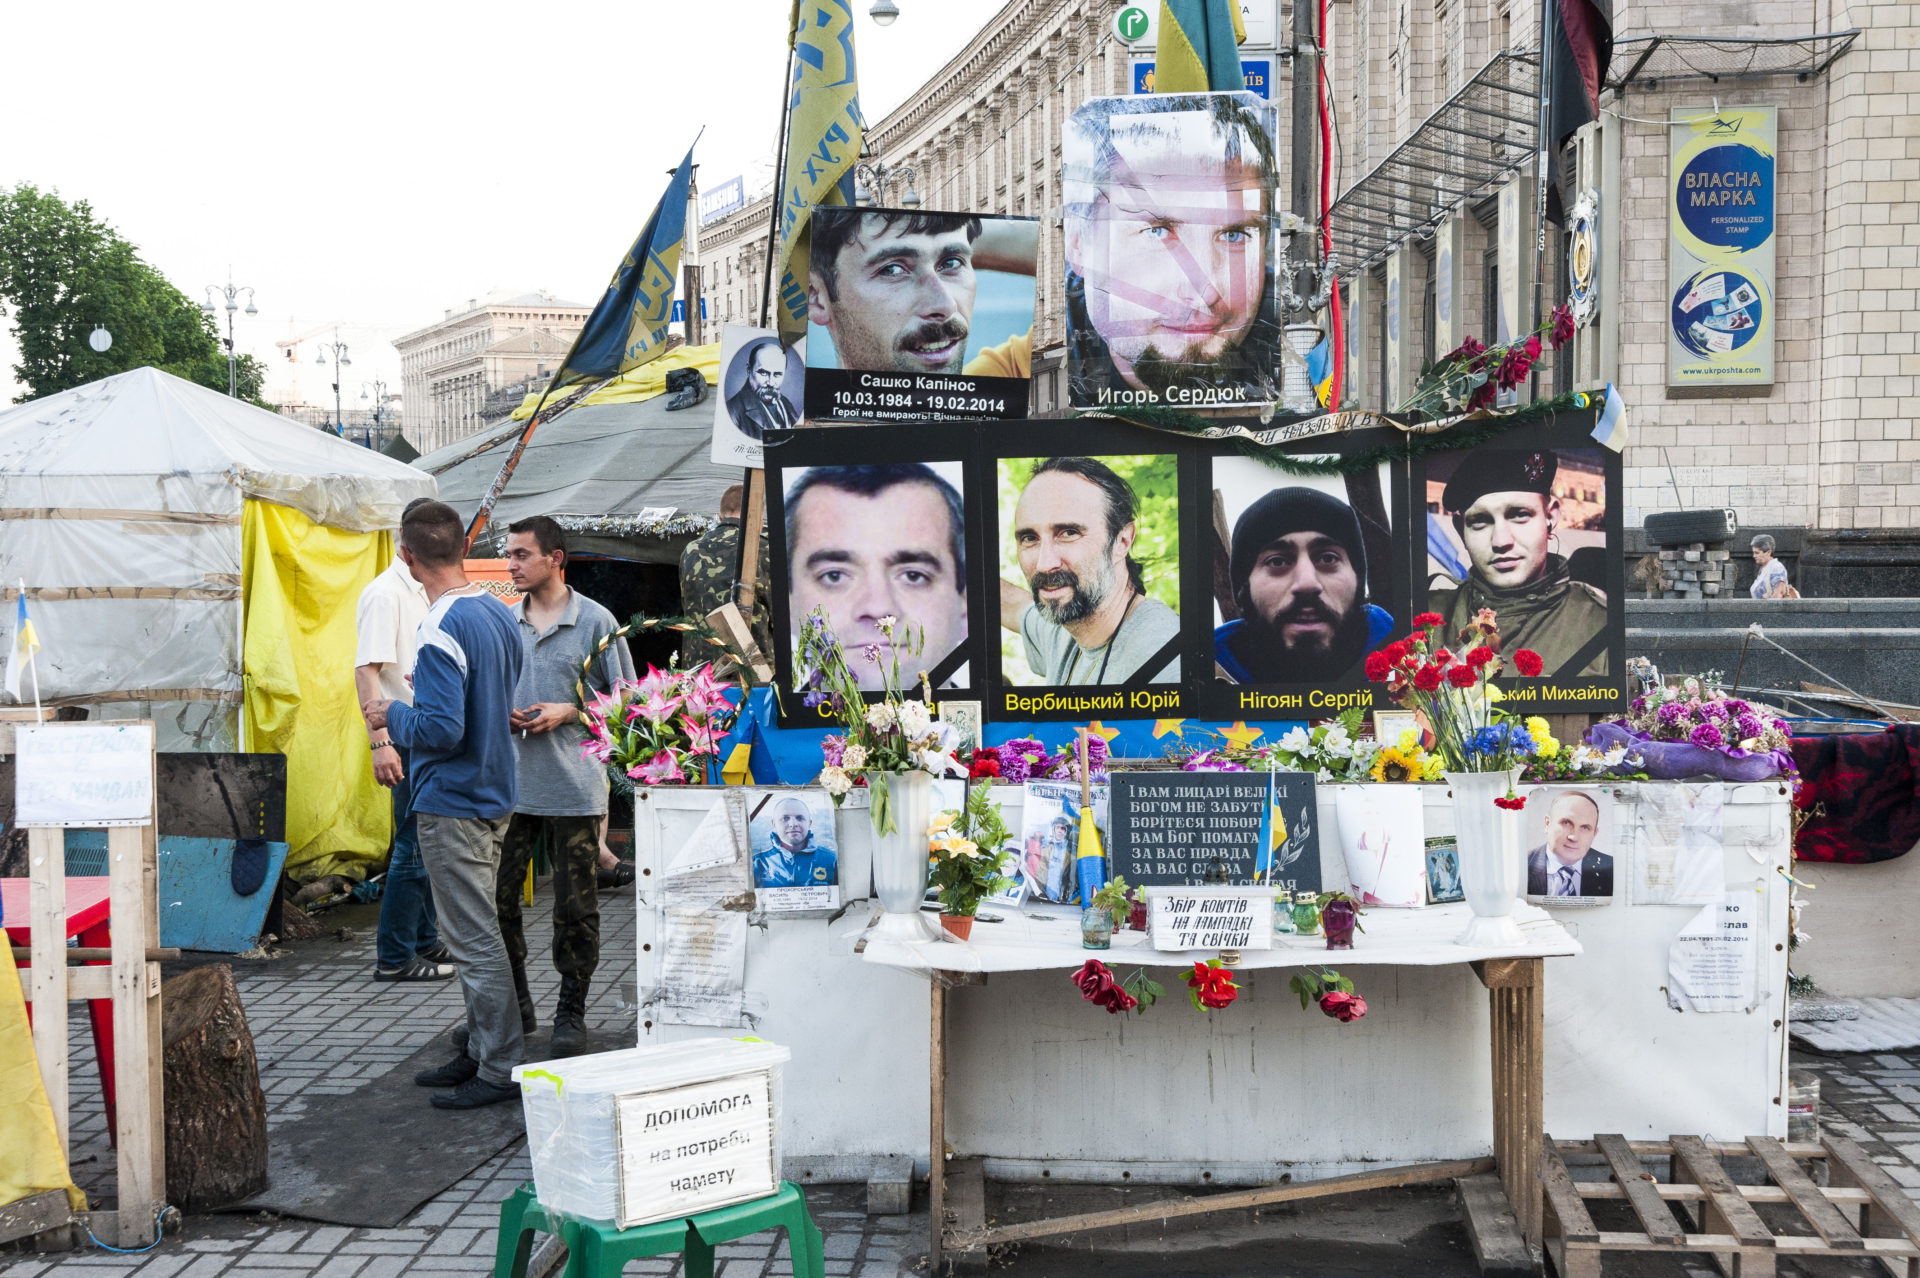 Ukraina, Kiev/Kyiv. På bilden: Vid det stora Frihets-torget, Majdan, i centrala Kiev finns det porträtt och namn på de över hundra personer som dödades under den folkliga resningen på och omkring torget. På bilden, några av porträtten och de tusentals buketter till minne av de som dog; torget bevakas och patrulleras av män som fortfarande bor på torget; många av dem klassas som krigsskadade med posttraumatiskt stressyndrom. Foto: Johan Lindstén